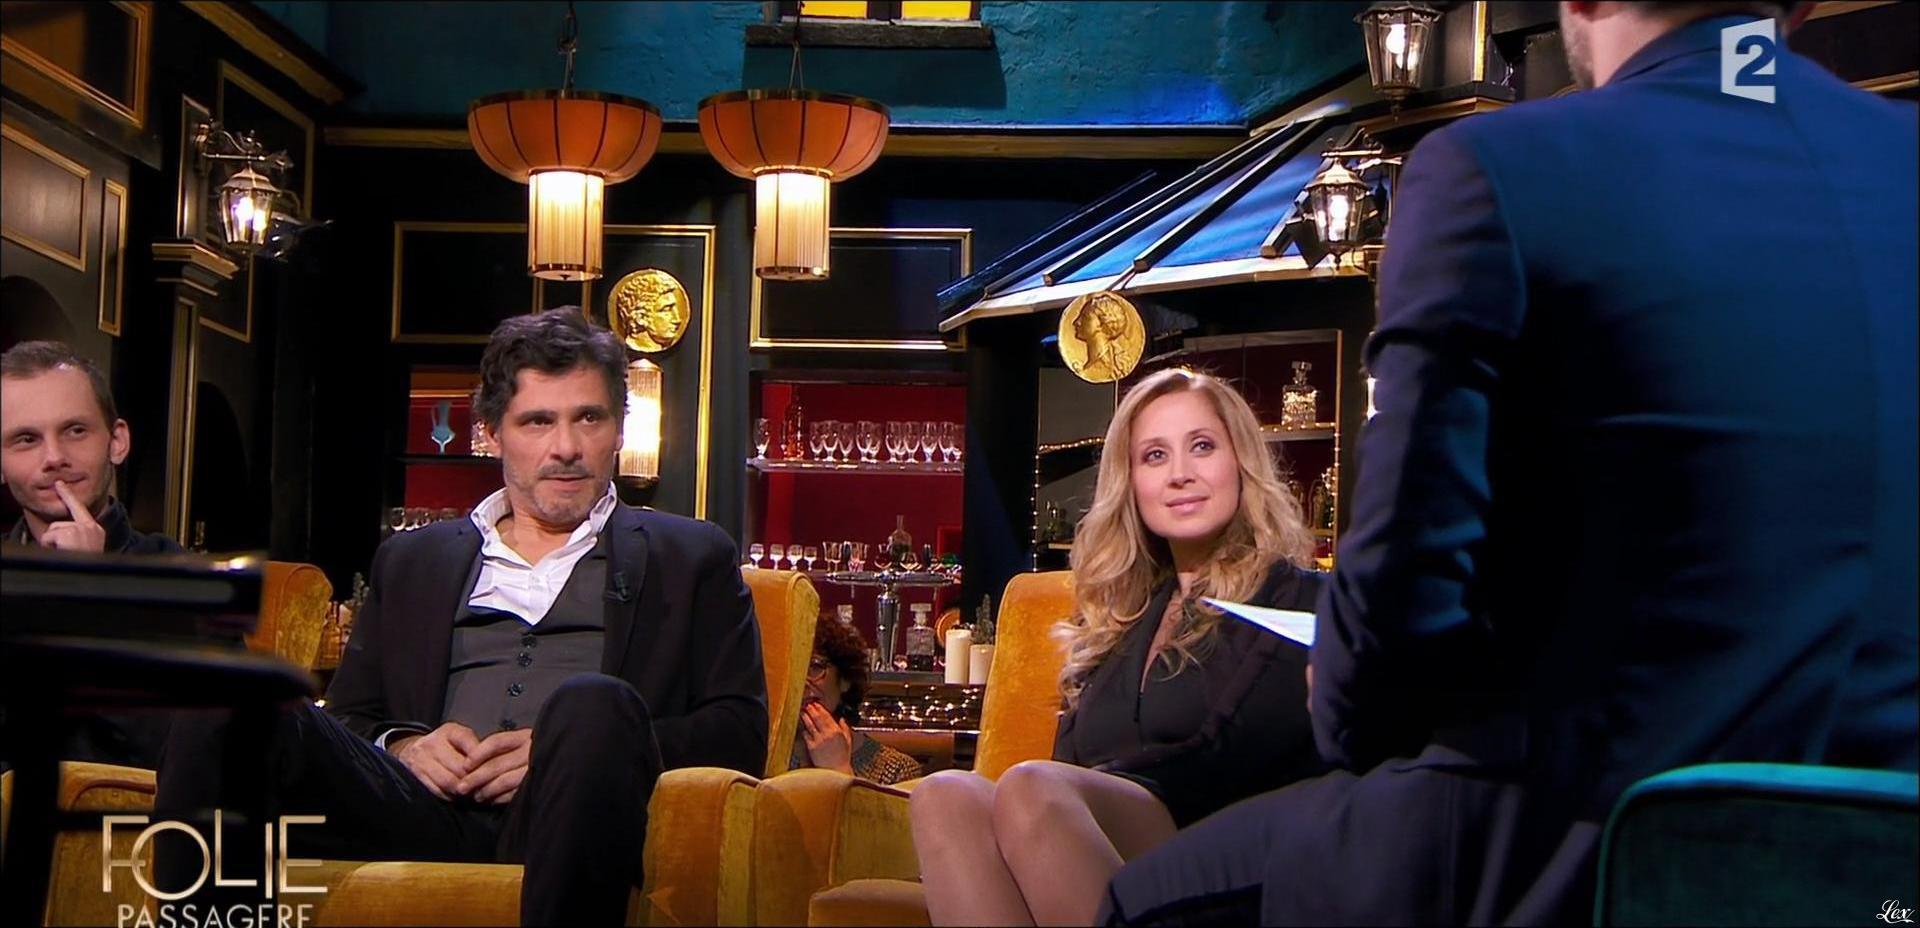 Lara Fabian dans Folie Passagere. Diffusé à la télévision le 16/12/15.